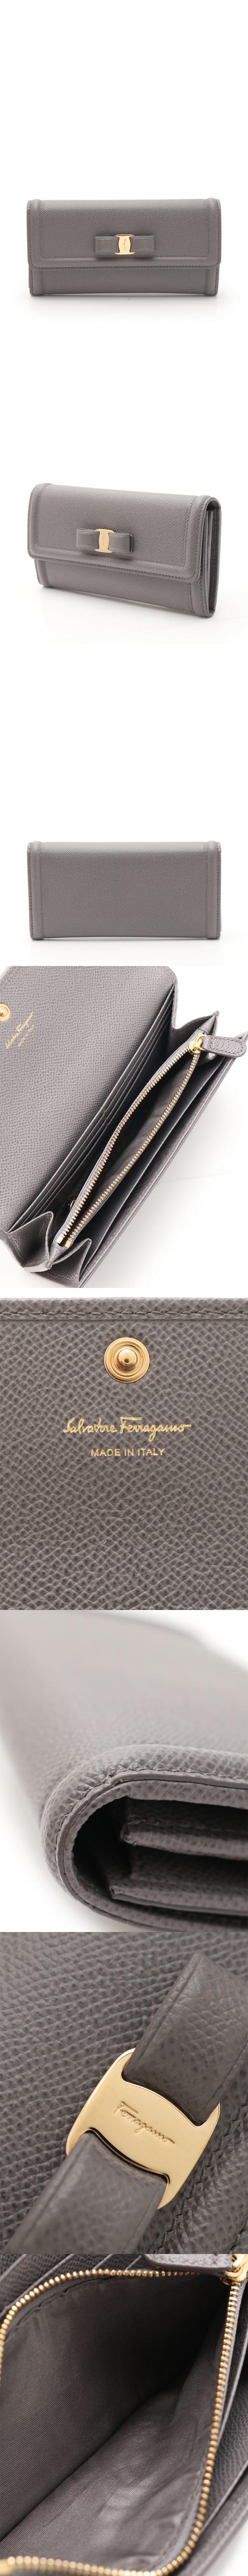 二つ折り長財布 ヴァラリボン グレー 小物 レザー 22 D154